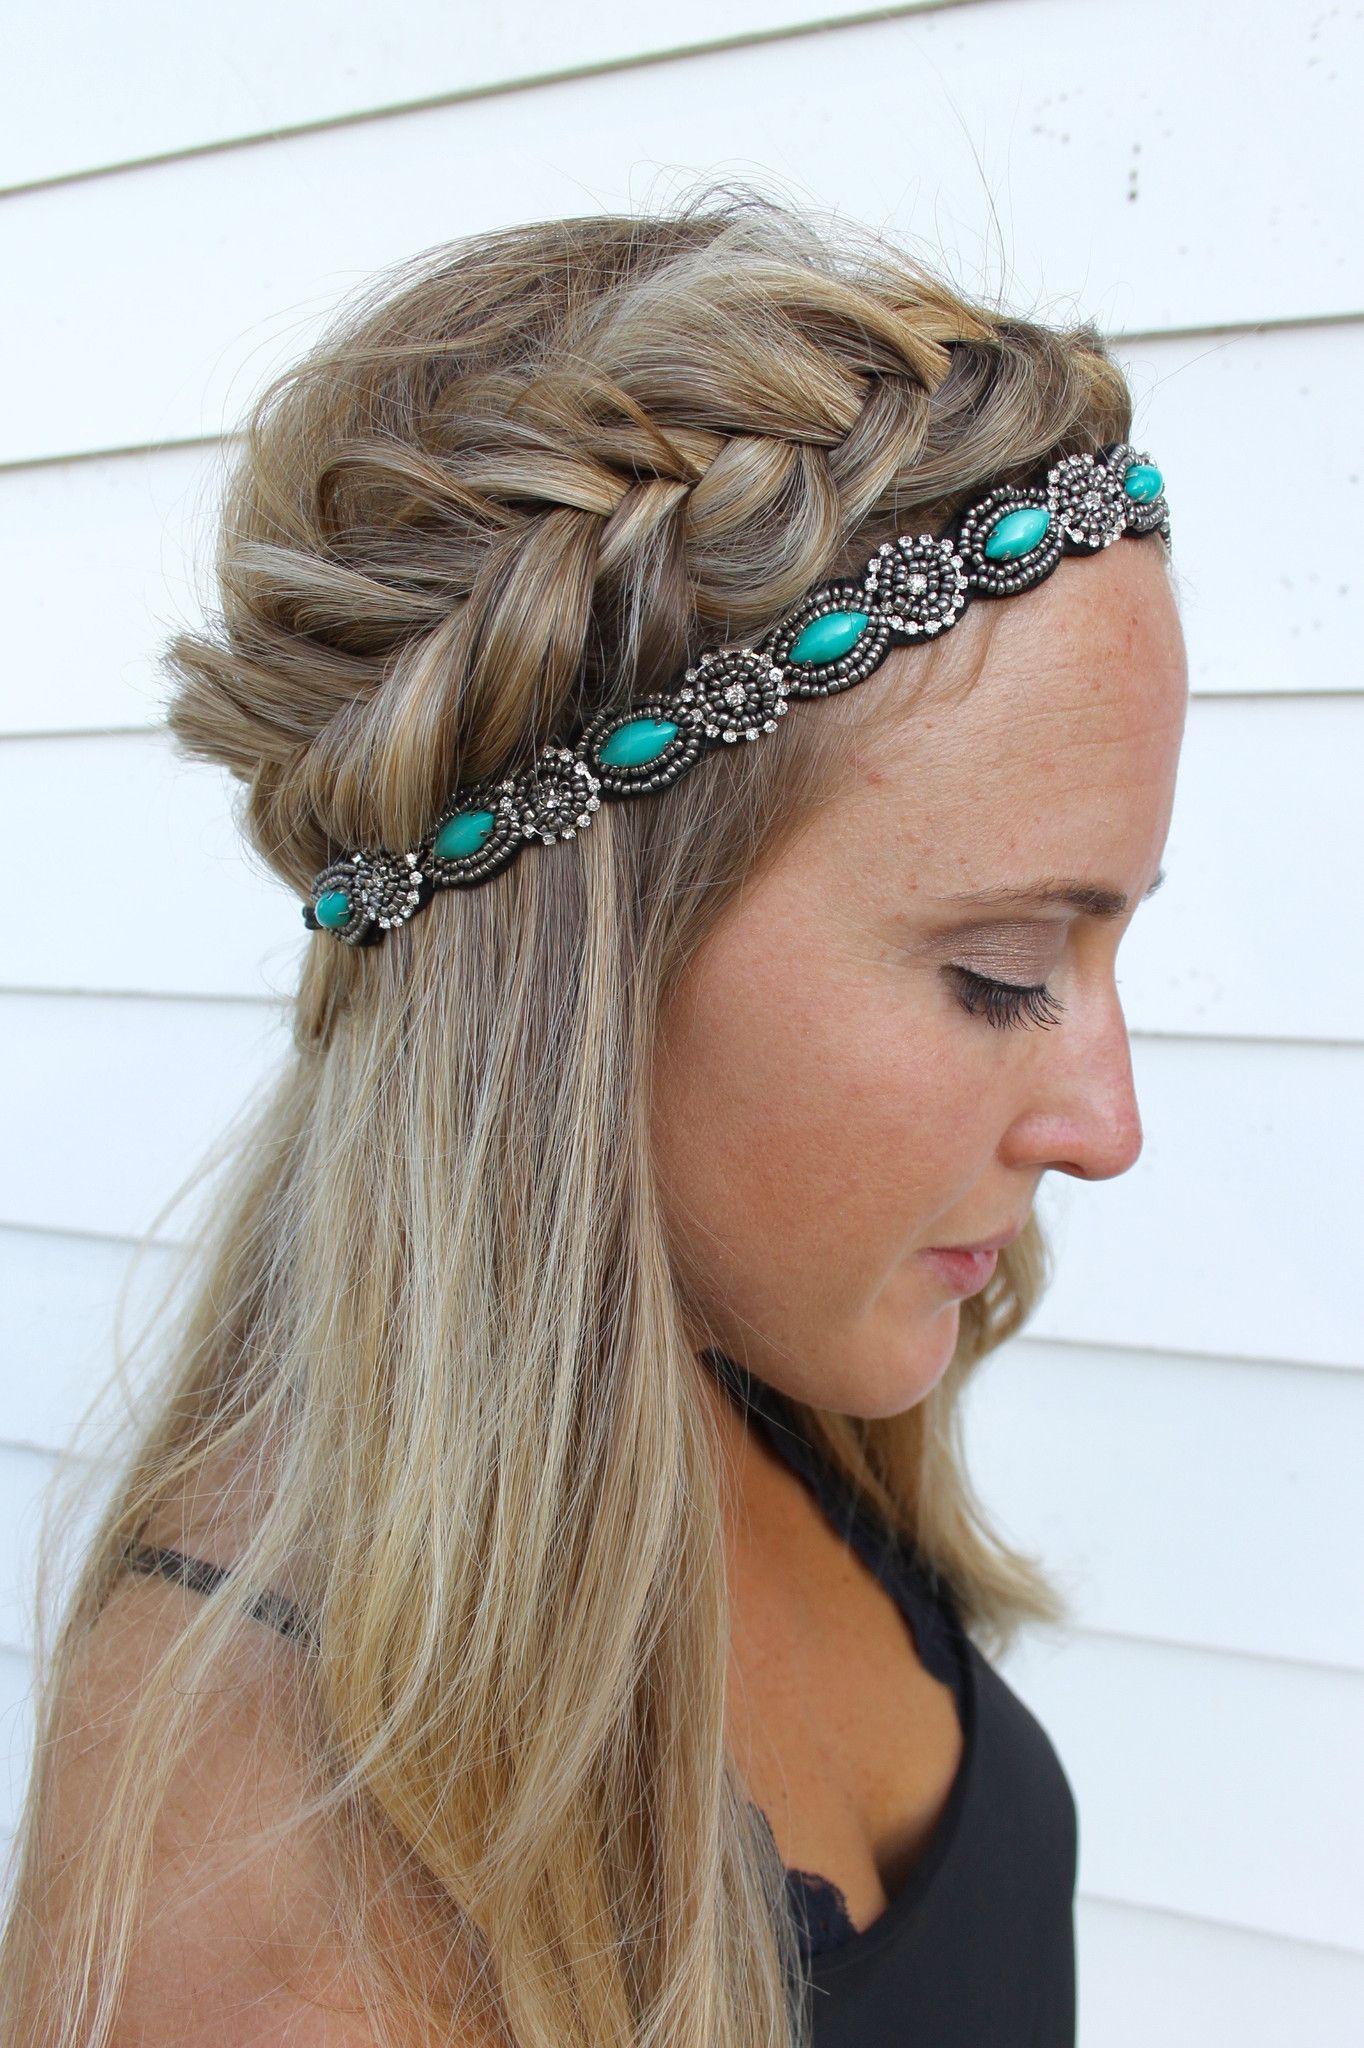 Teal lush in hair pinterest hair styles hair and braids